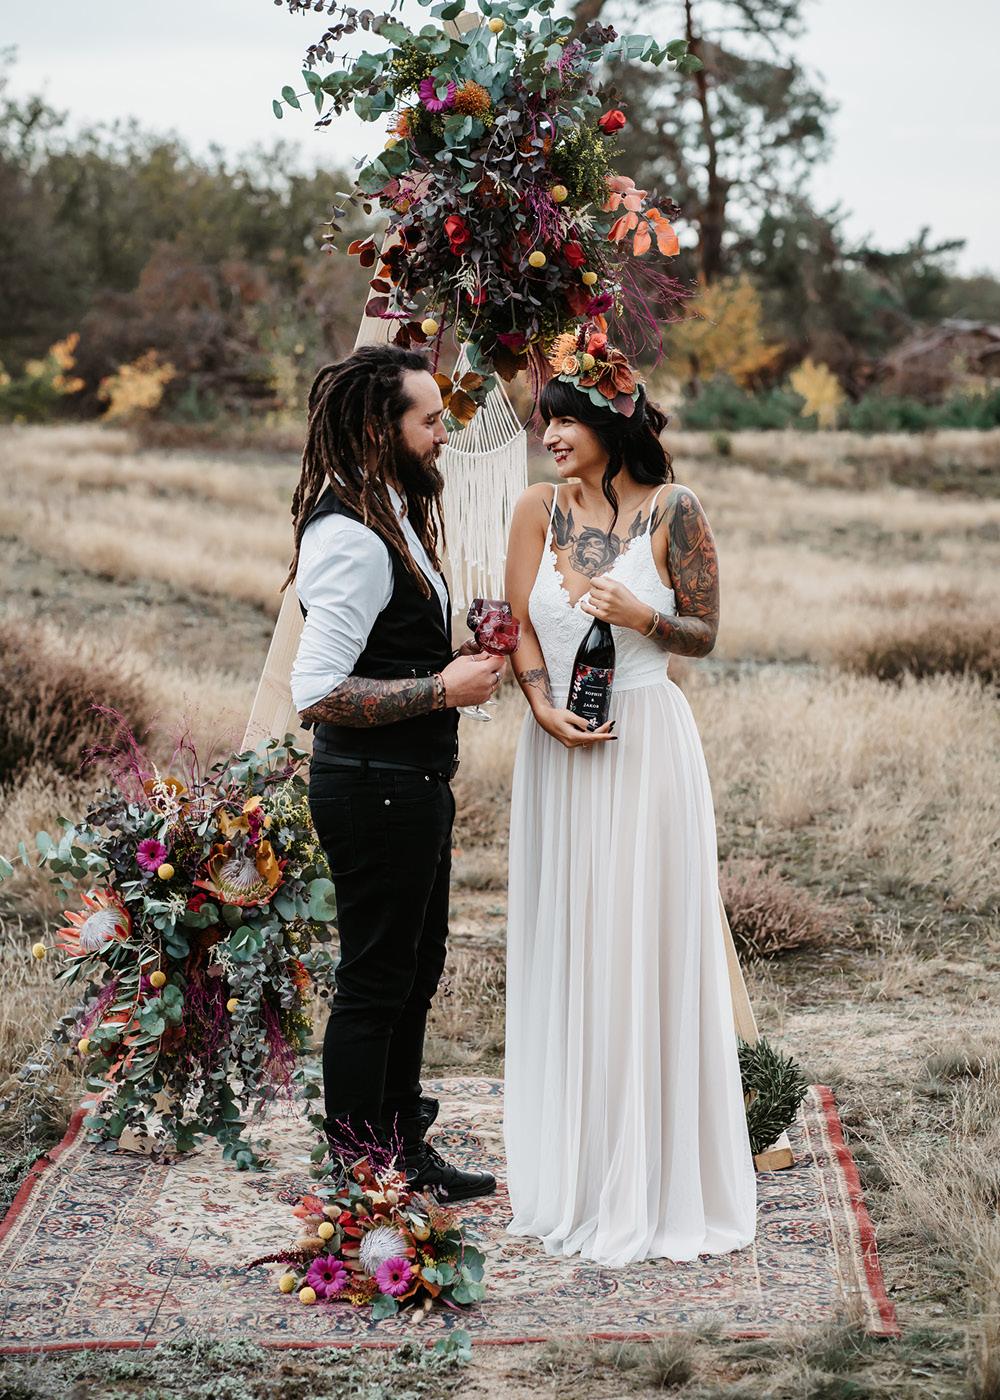 Das Brautpaar steht vor dem mit bunten Blumen geschmückten Traubogen auf der Wiese aus hellen Gräsern in der Hochzeitslocation.